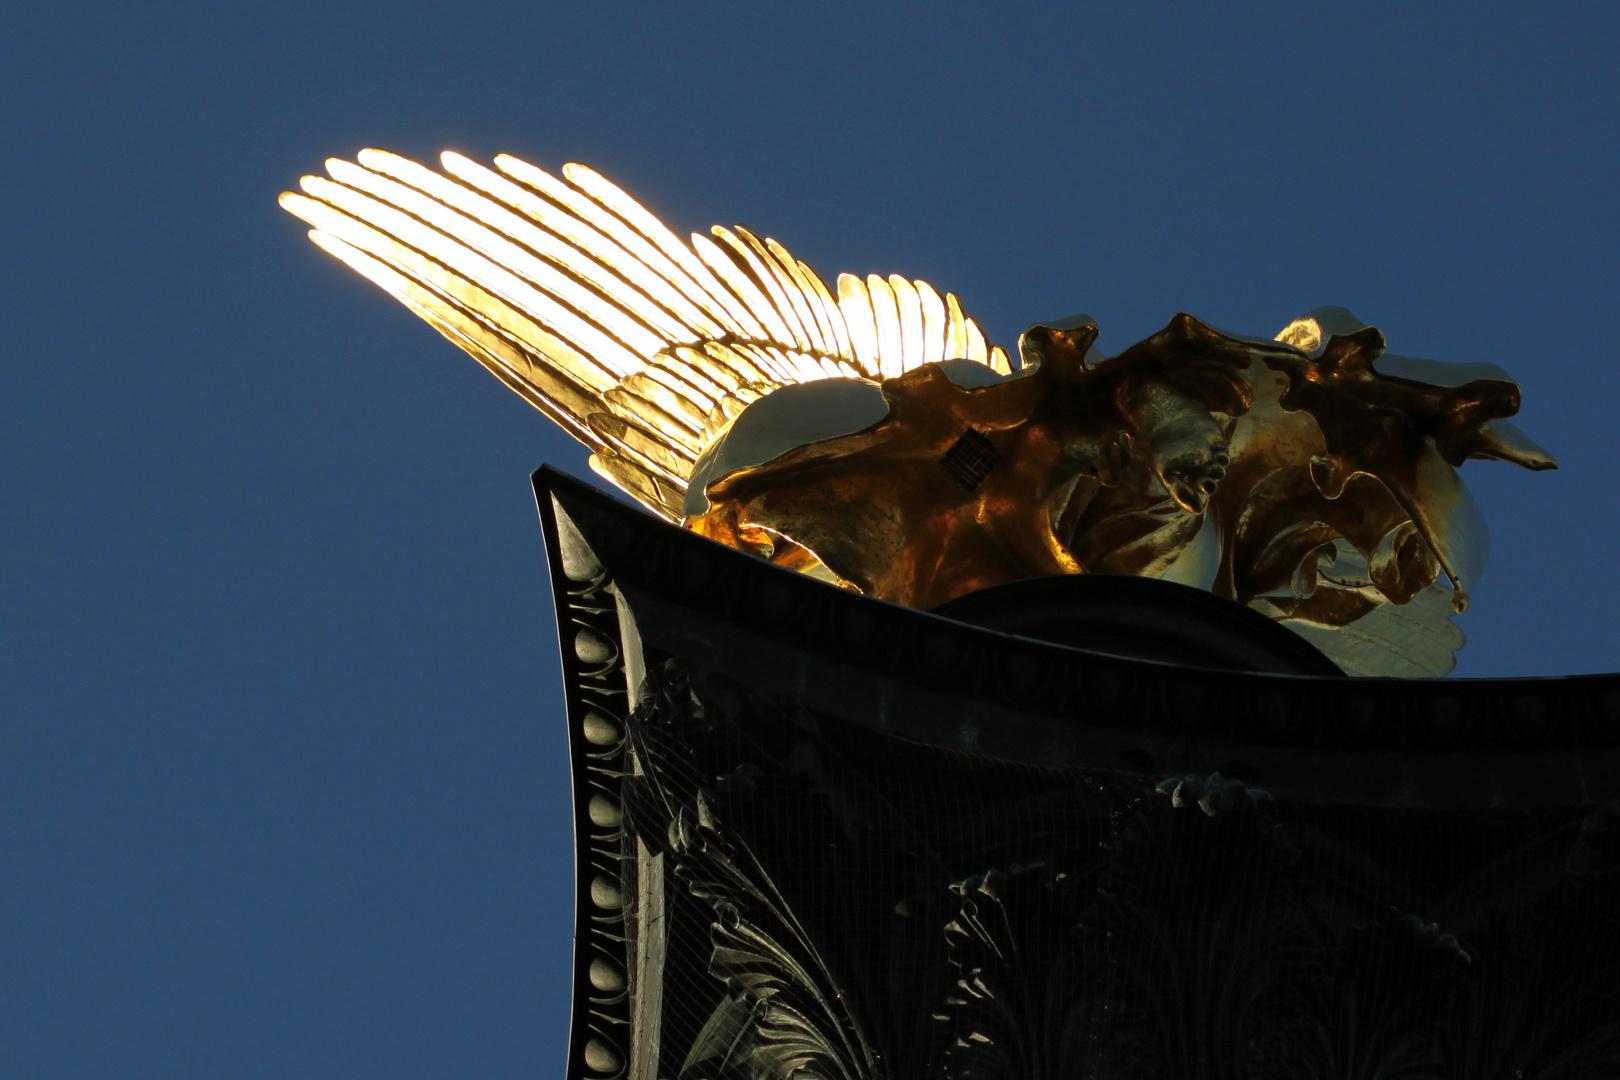 Engel unter den Flügel geschaut